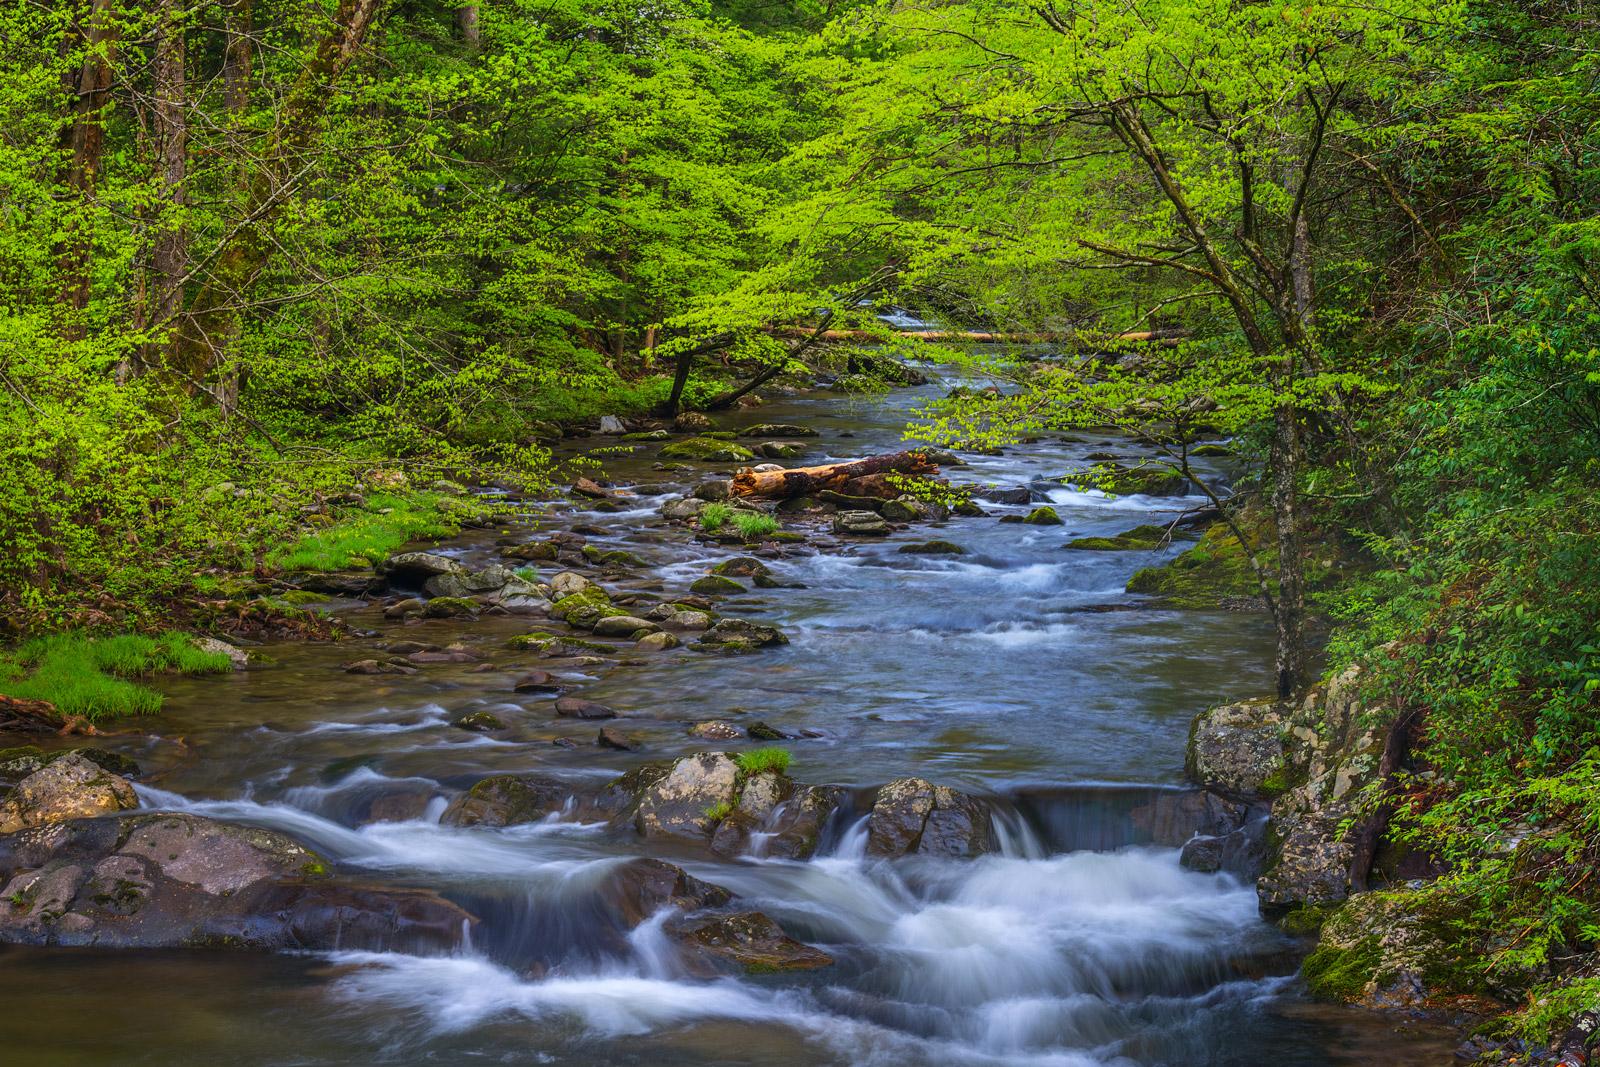 Smoky Mountains, River, Cascades, Spring